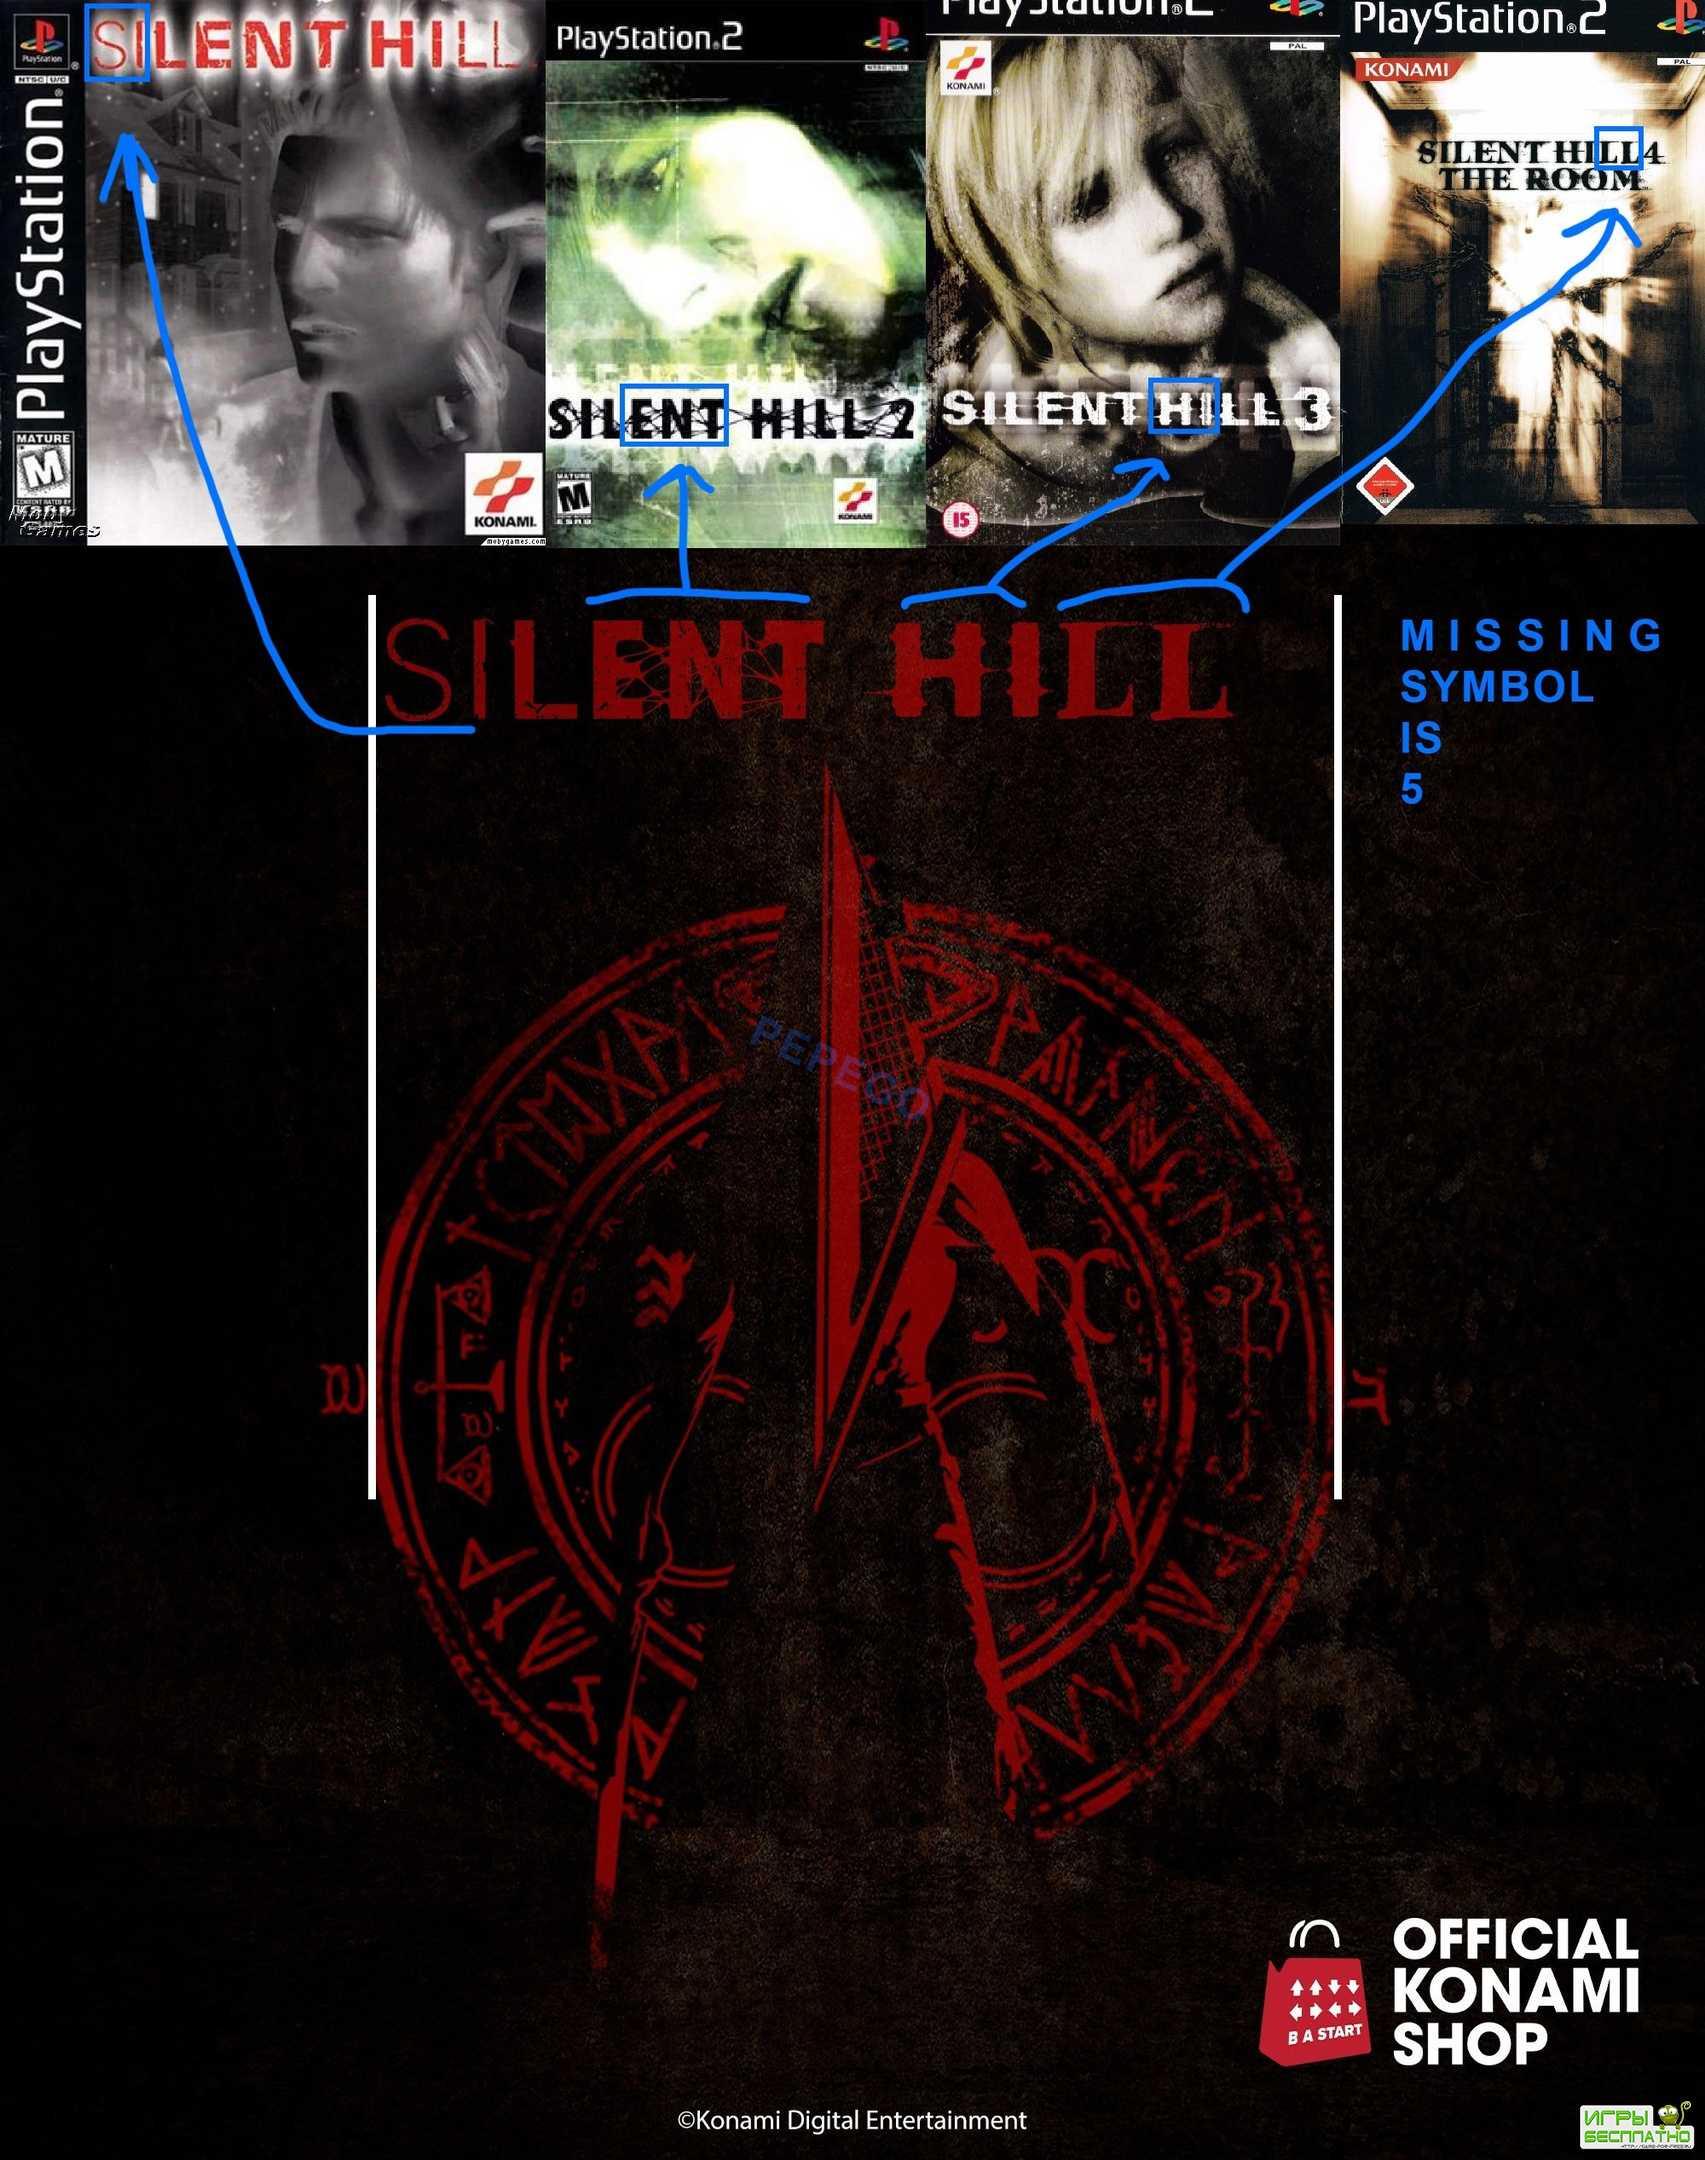 Konami опубликовала в Twitter загадочный тизер Silent Hill